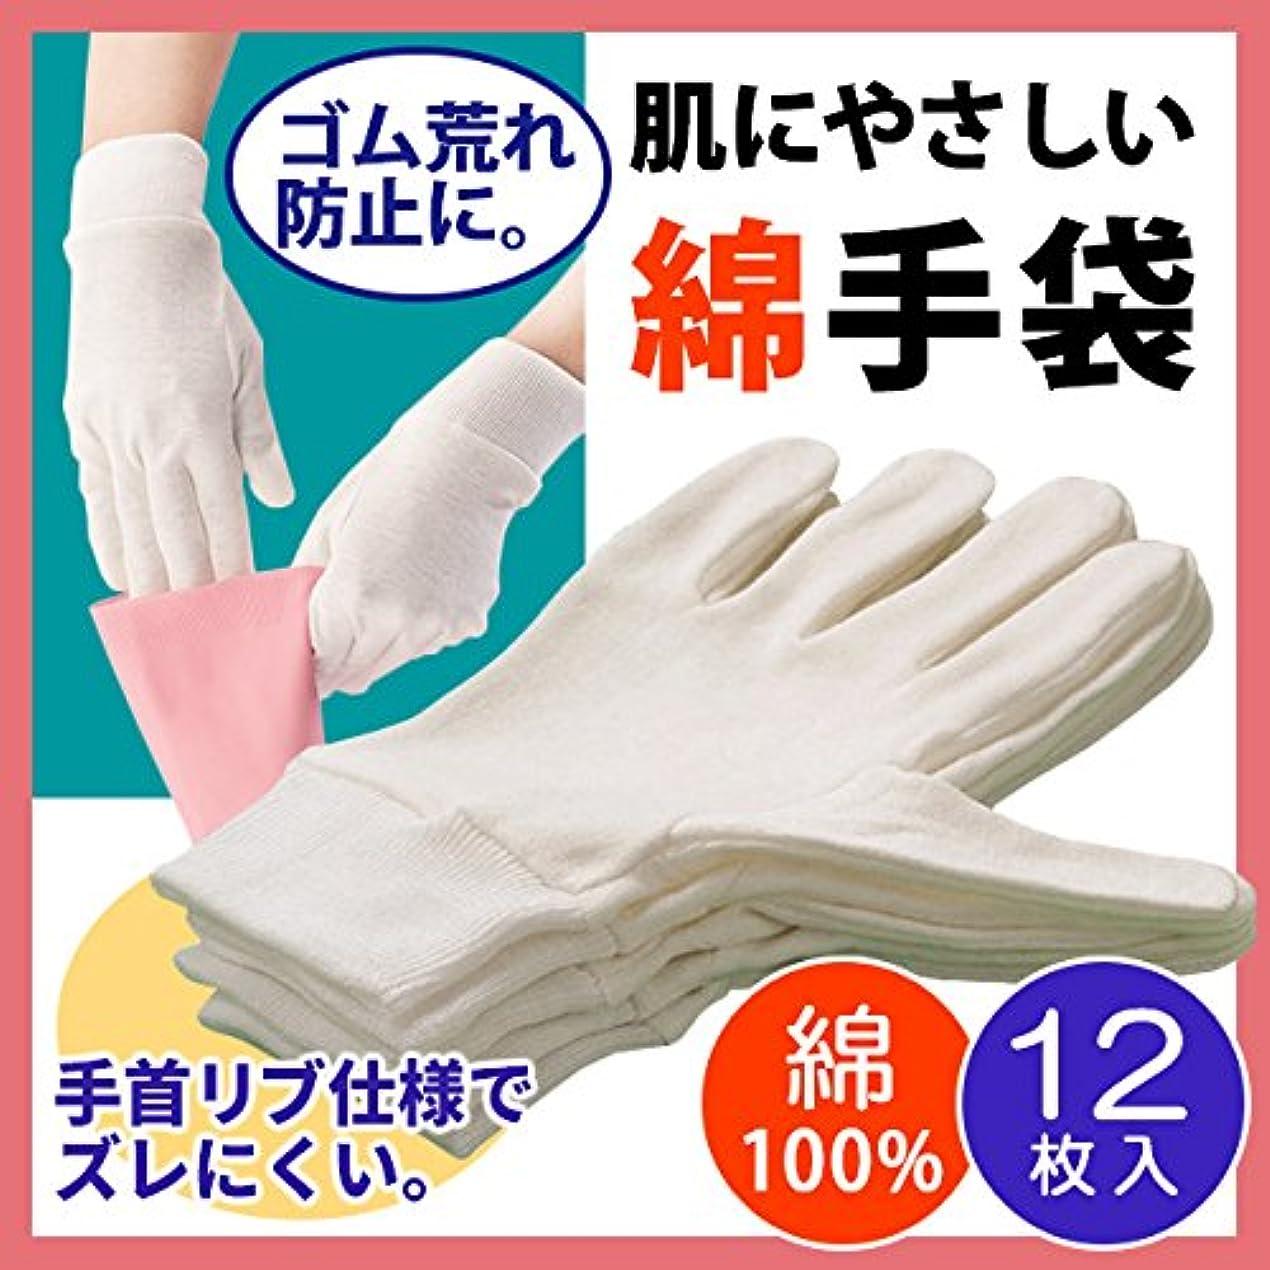 無駄マザーランドメディア【女性用】肌にやさしいコットン手袋 12枚入り